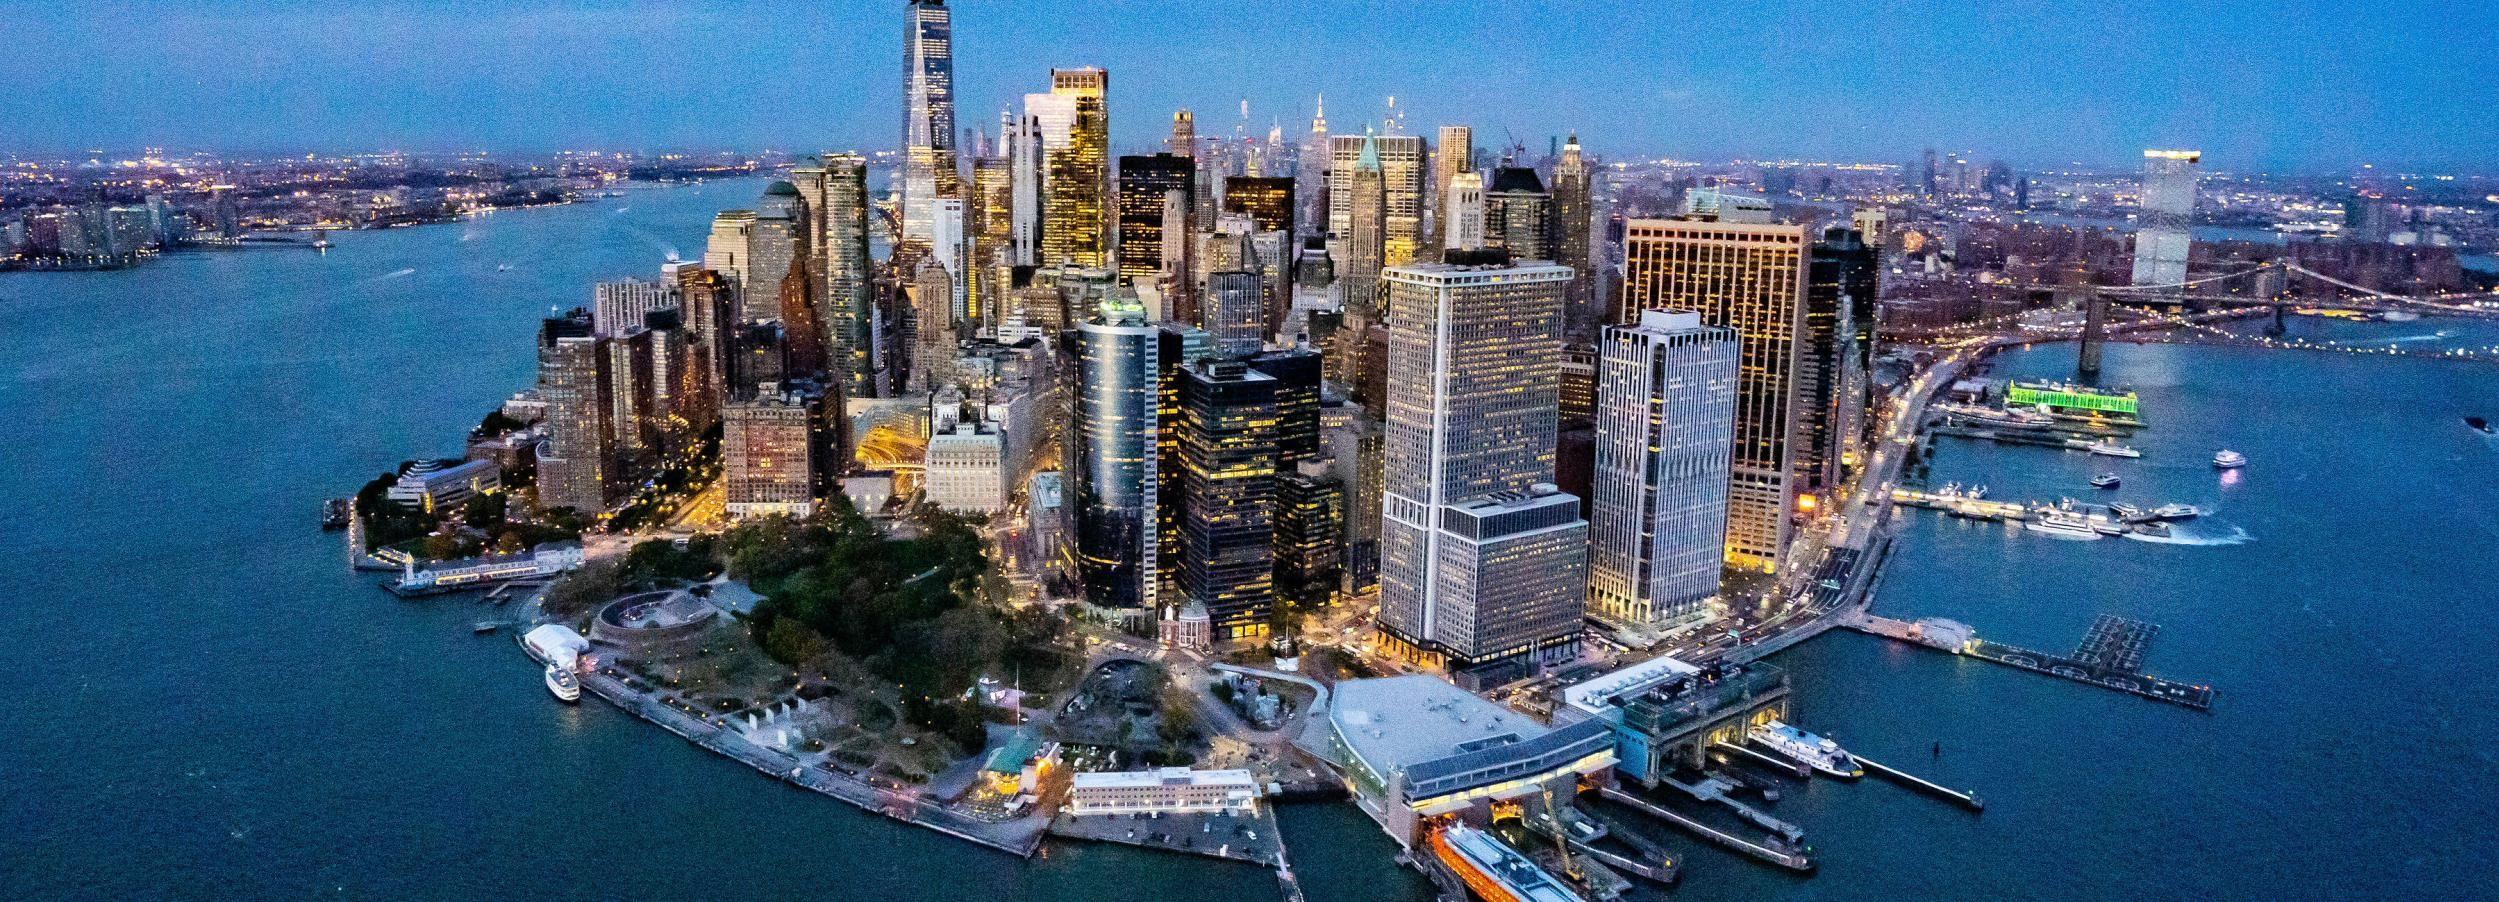 ニューヨークシティ:風光明媚なヘリコプターツアーと空港送迎